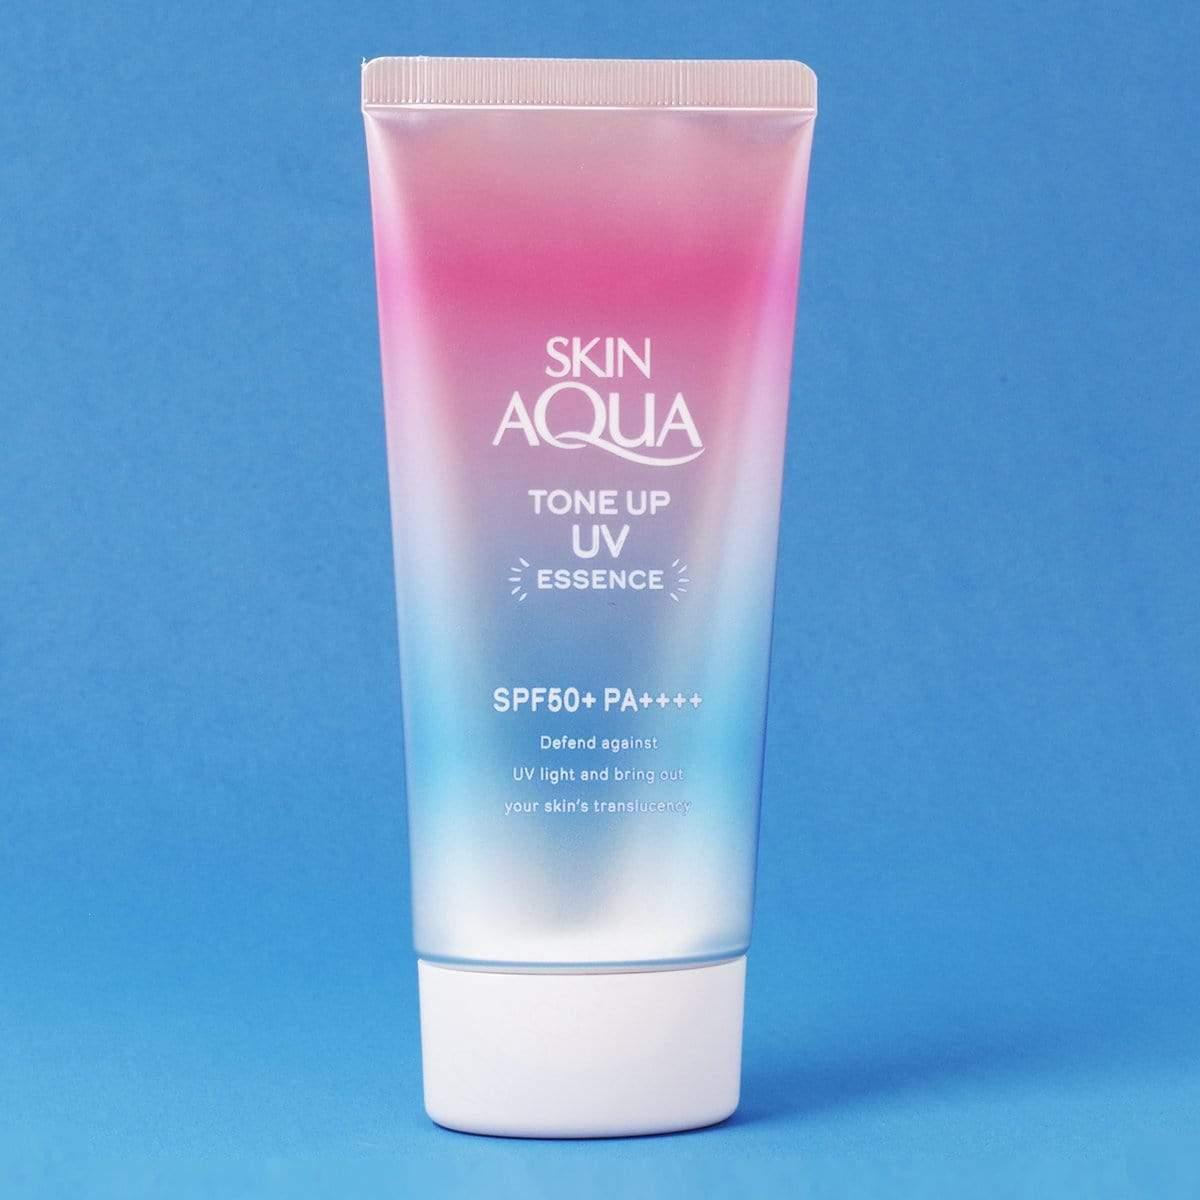 [Review] Kem Chống Nắng Skin Aqua Tốt Nhất Hiện Nay